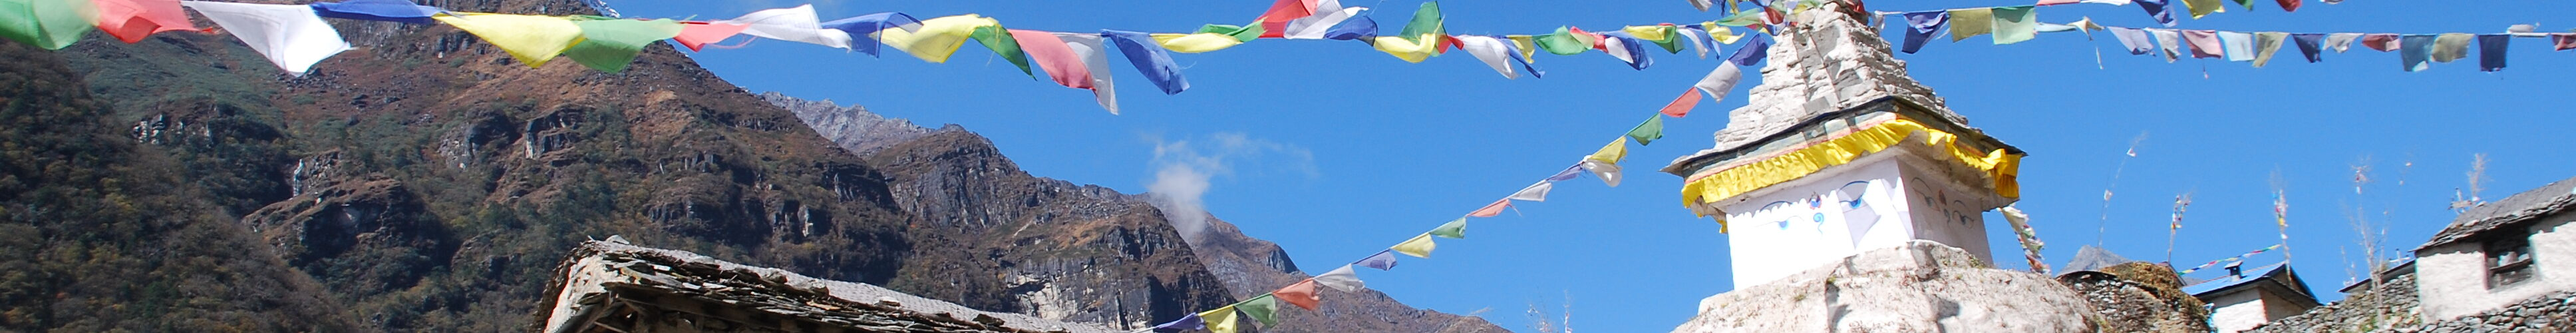 Plastikforbud i Everest-regionen, Nepal